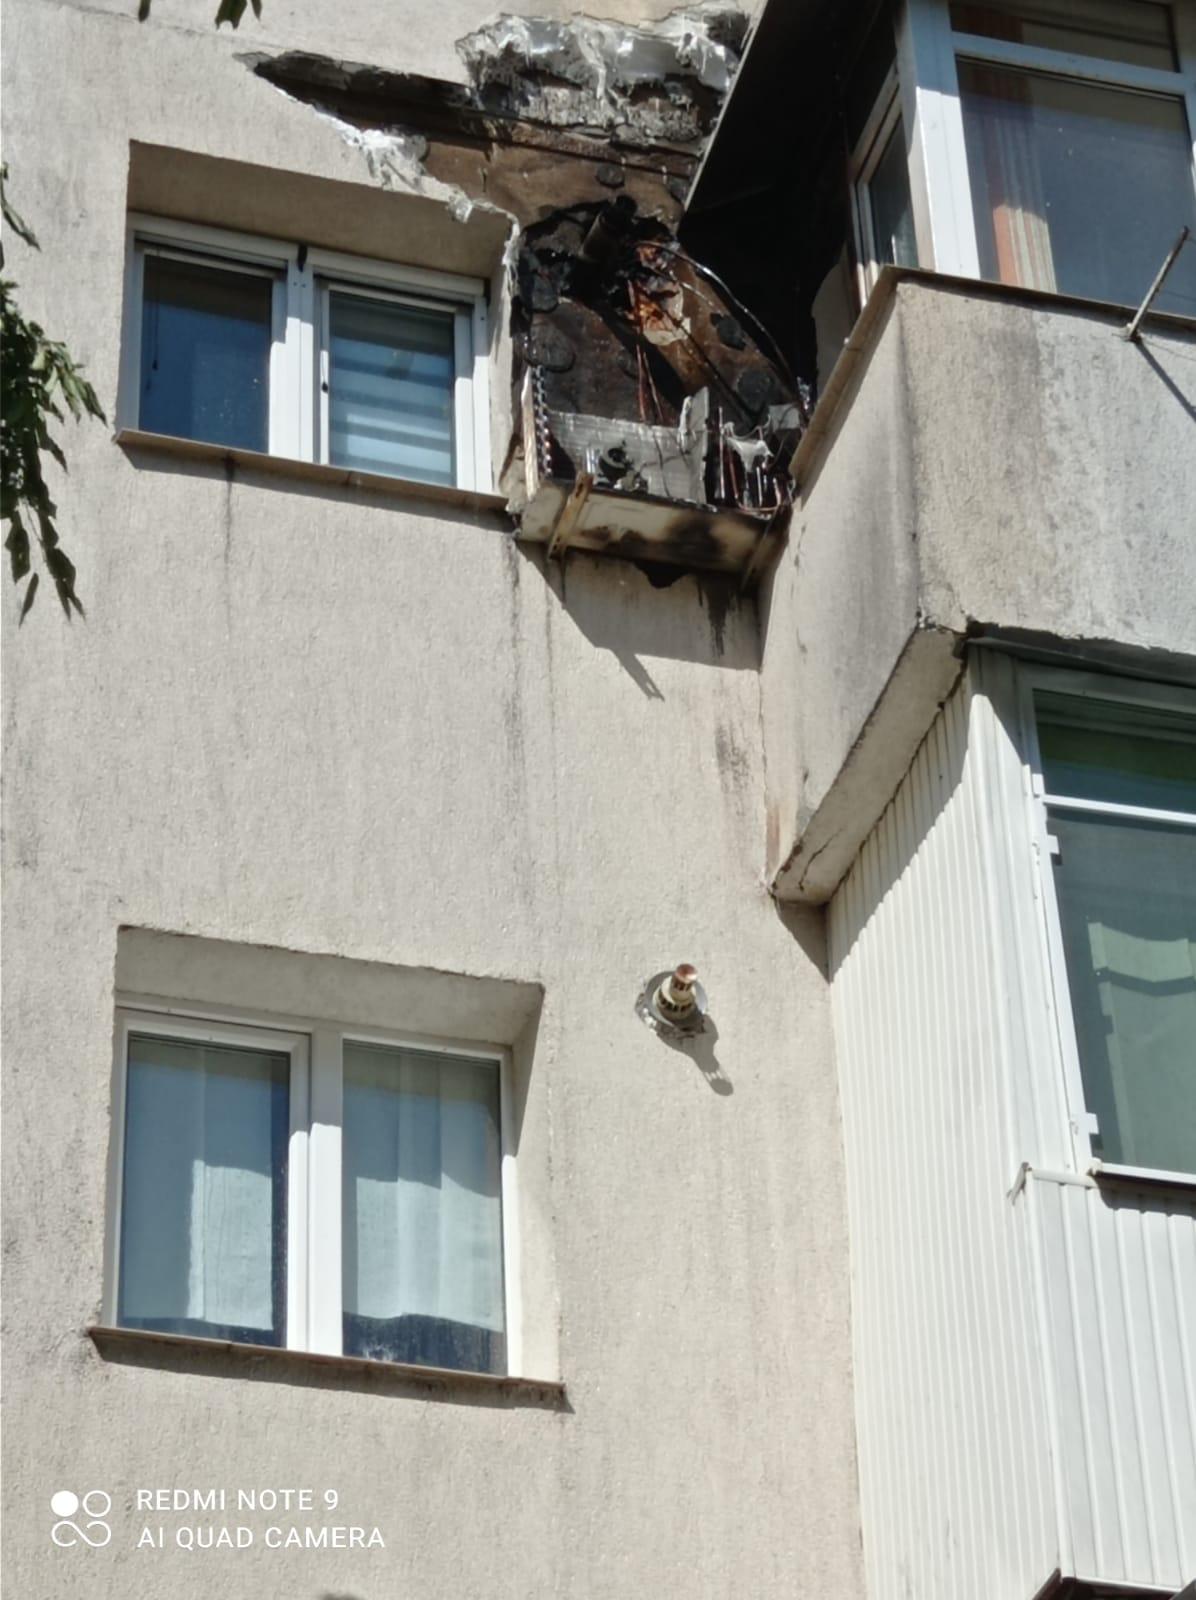 Momente de panică pentru locuitorii unui bloc din municipiul Botoșani